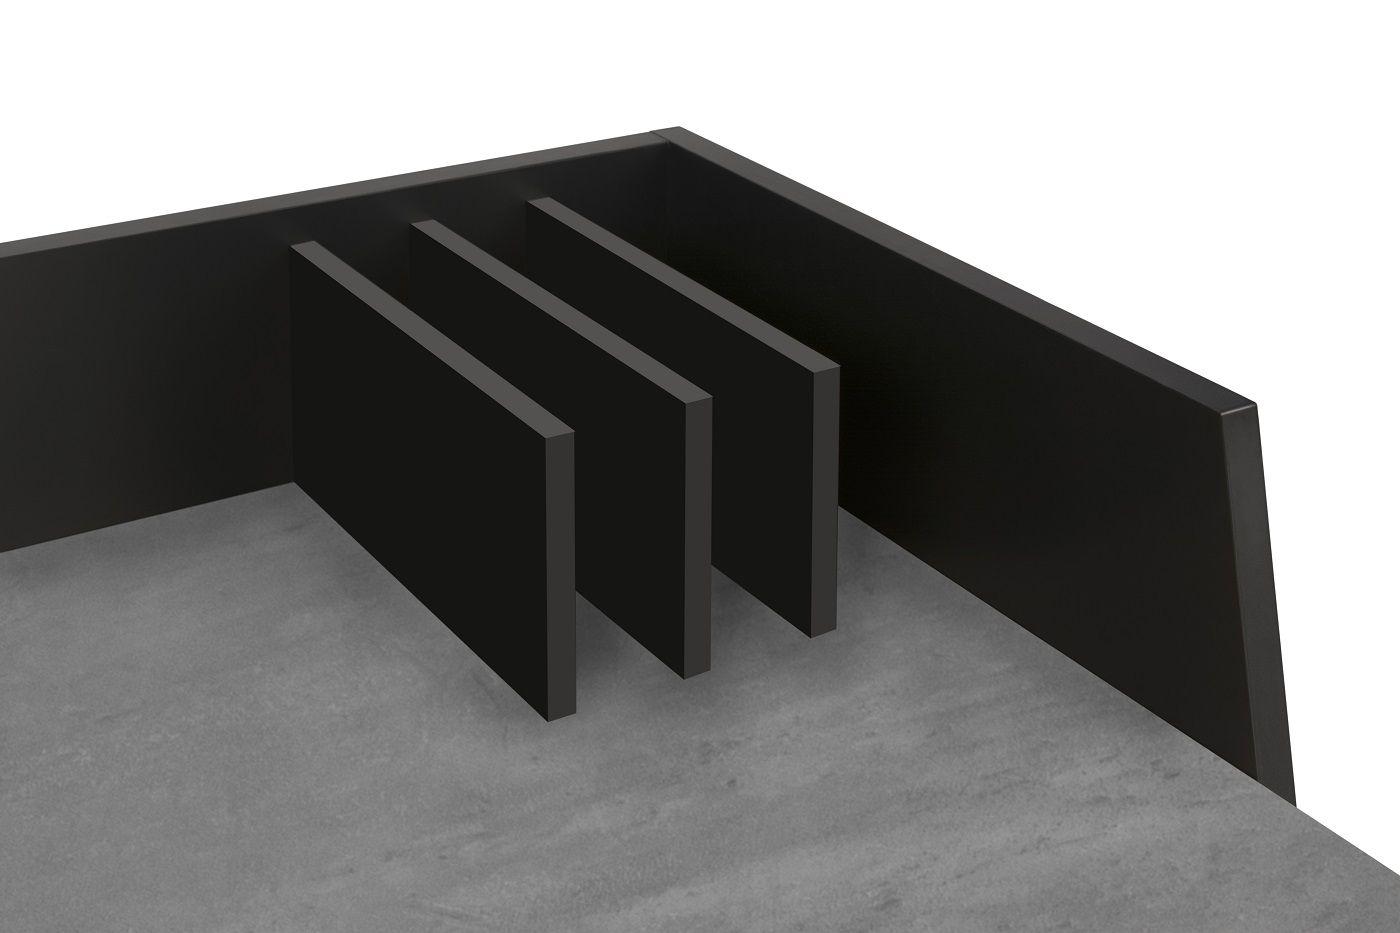 Temahome Volga Skrivebord - Sort/Mørk Betongrå